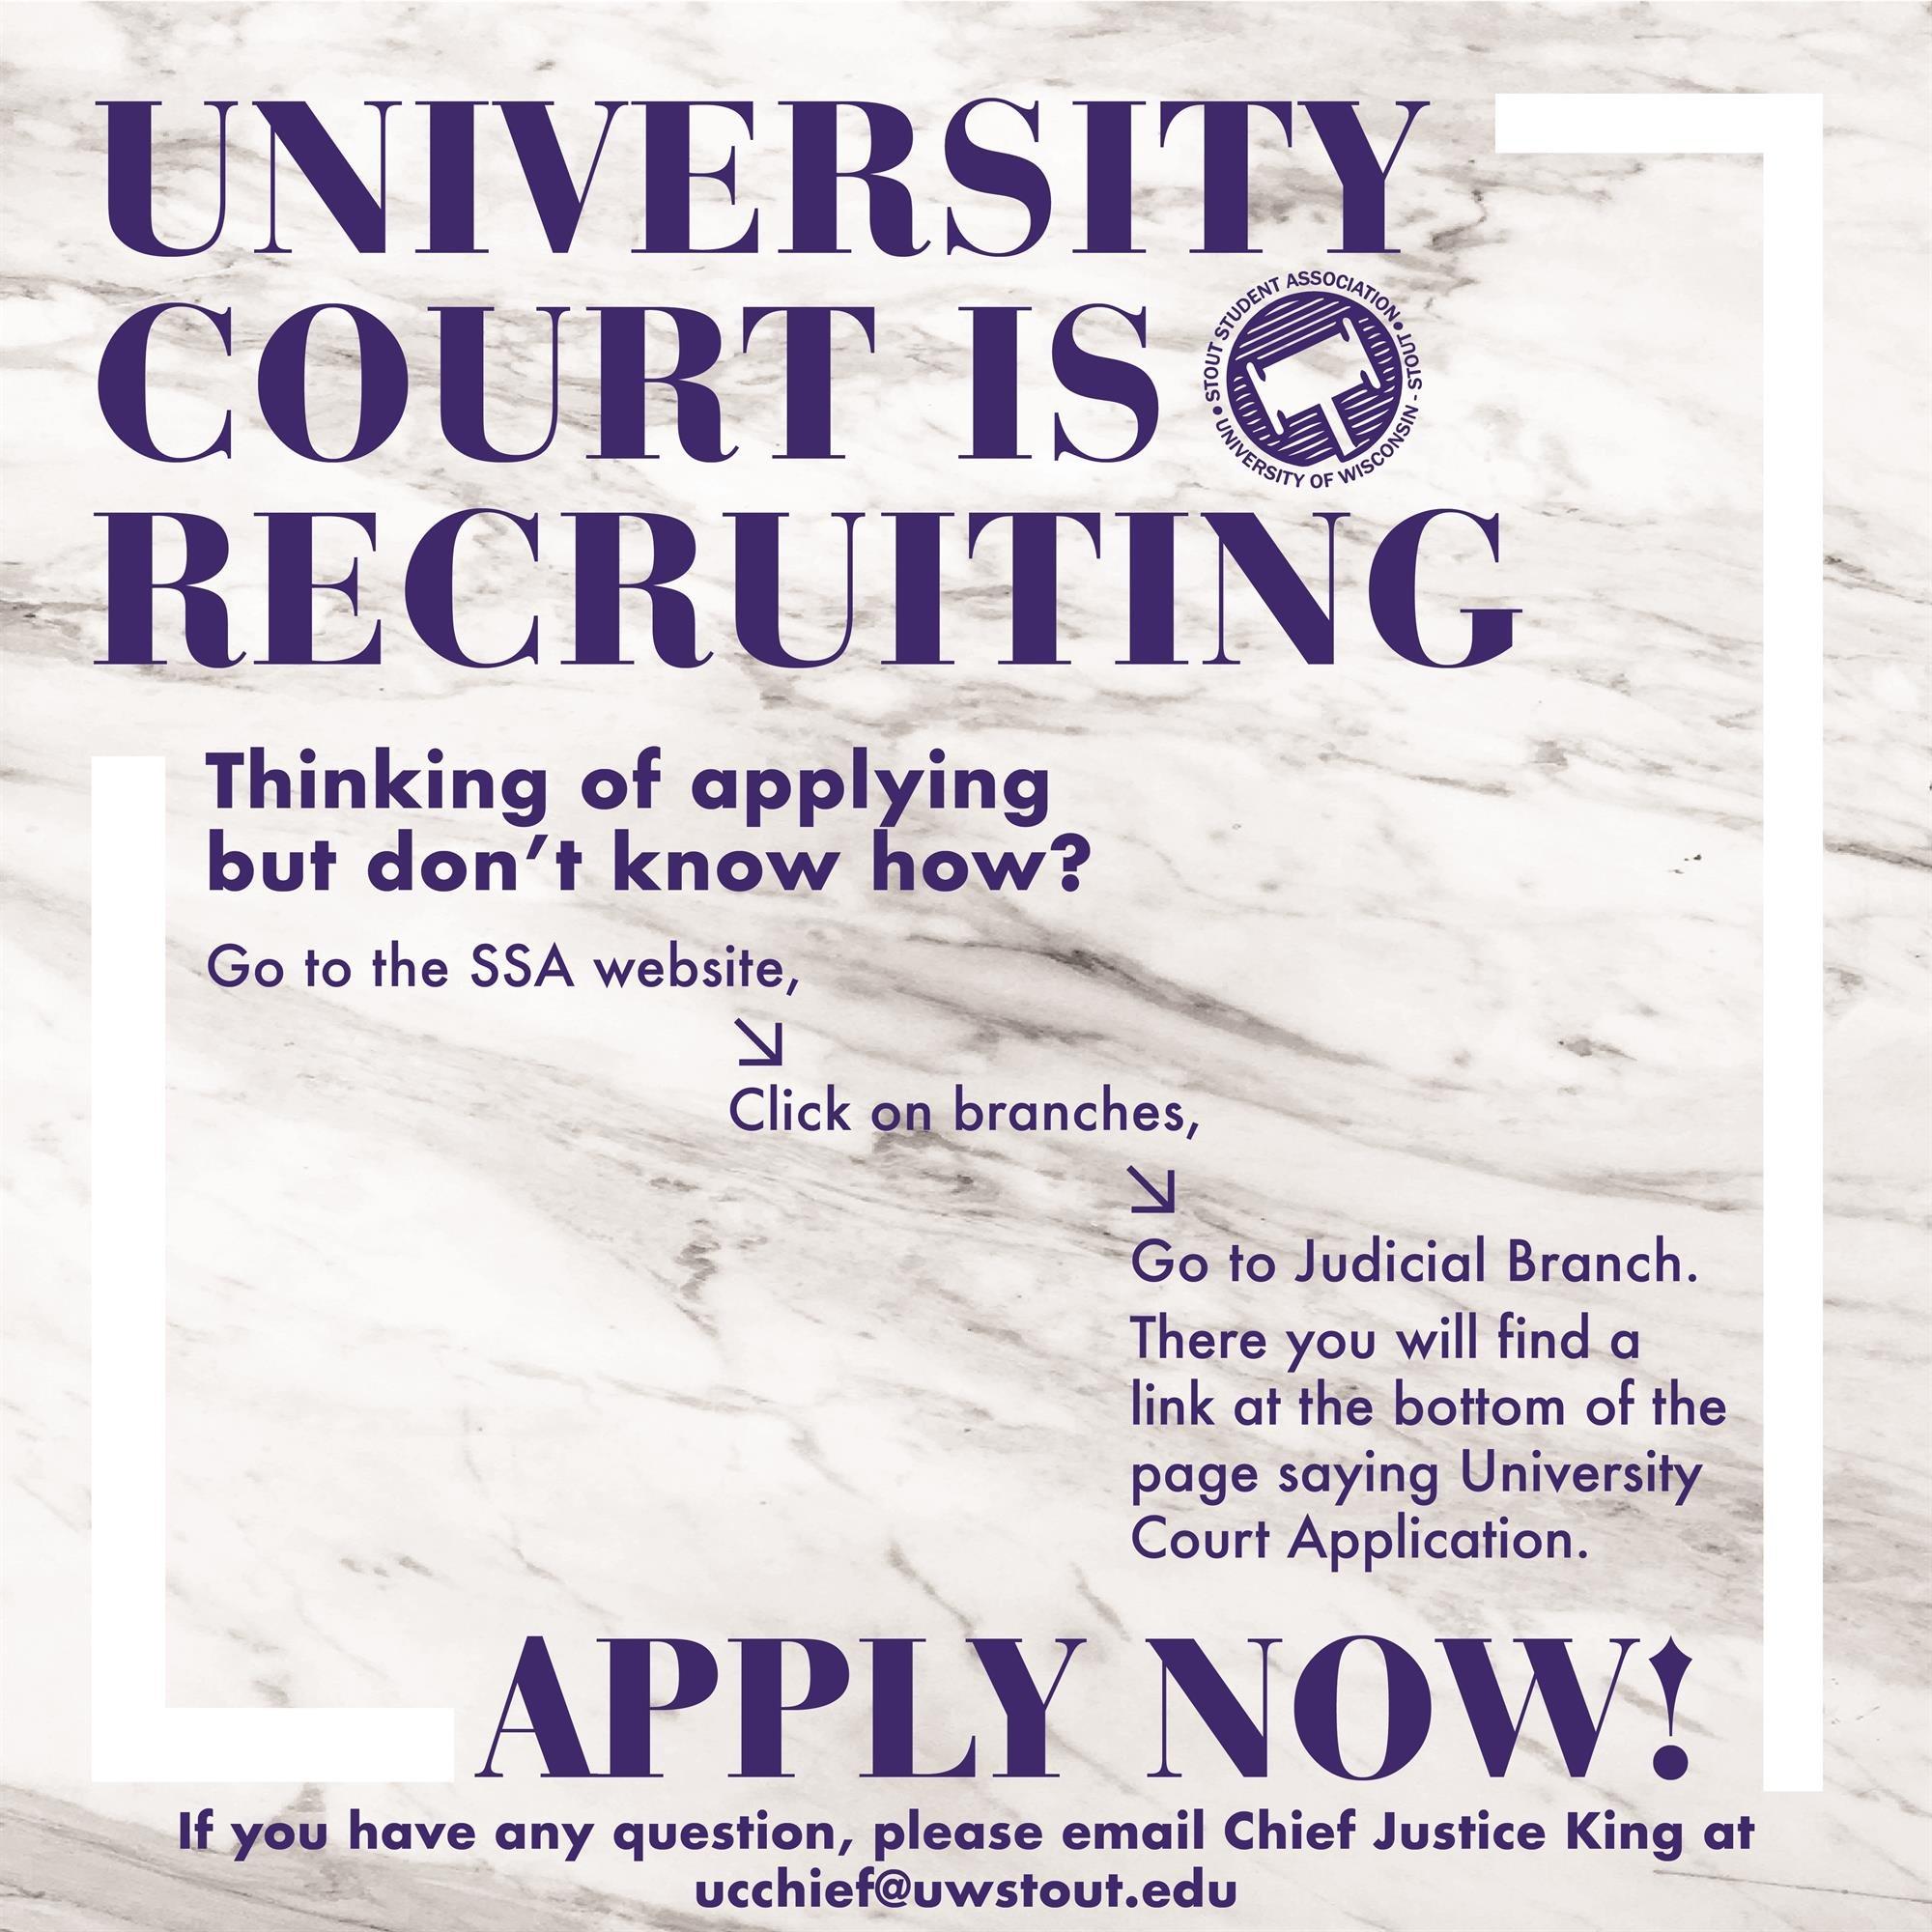 University Court